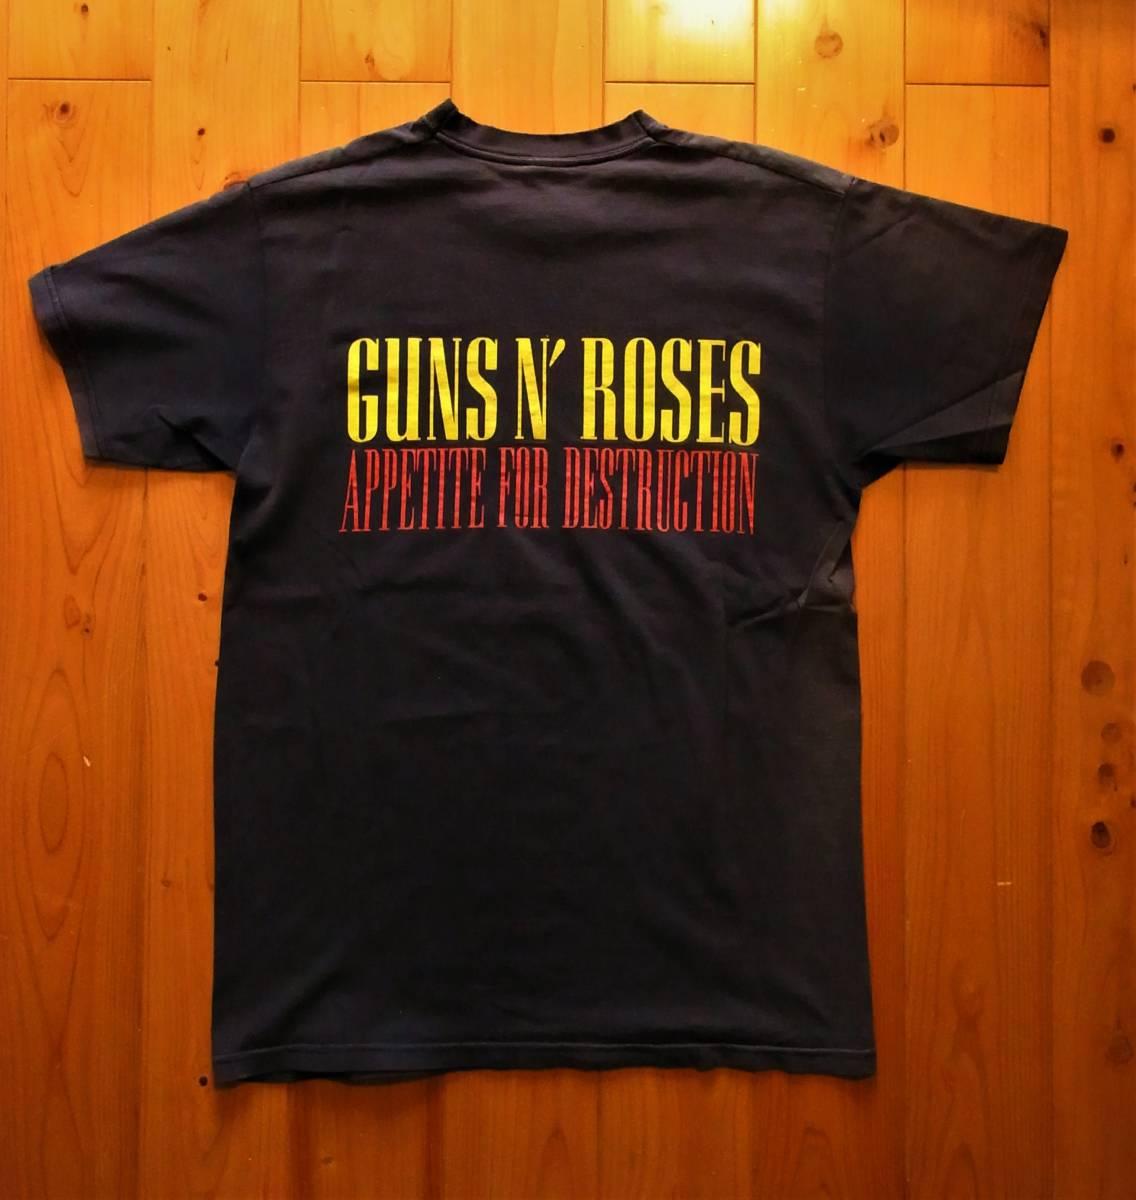 【GUNS N' ROSES/ビンテージ Tシャツ S 希少 名作 ガンズアンドローゼス APPETITE FOR DESTRUCTION 90's 80's 送料無料】_画像2